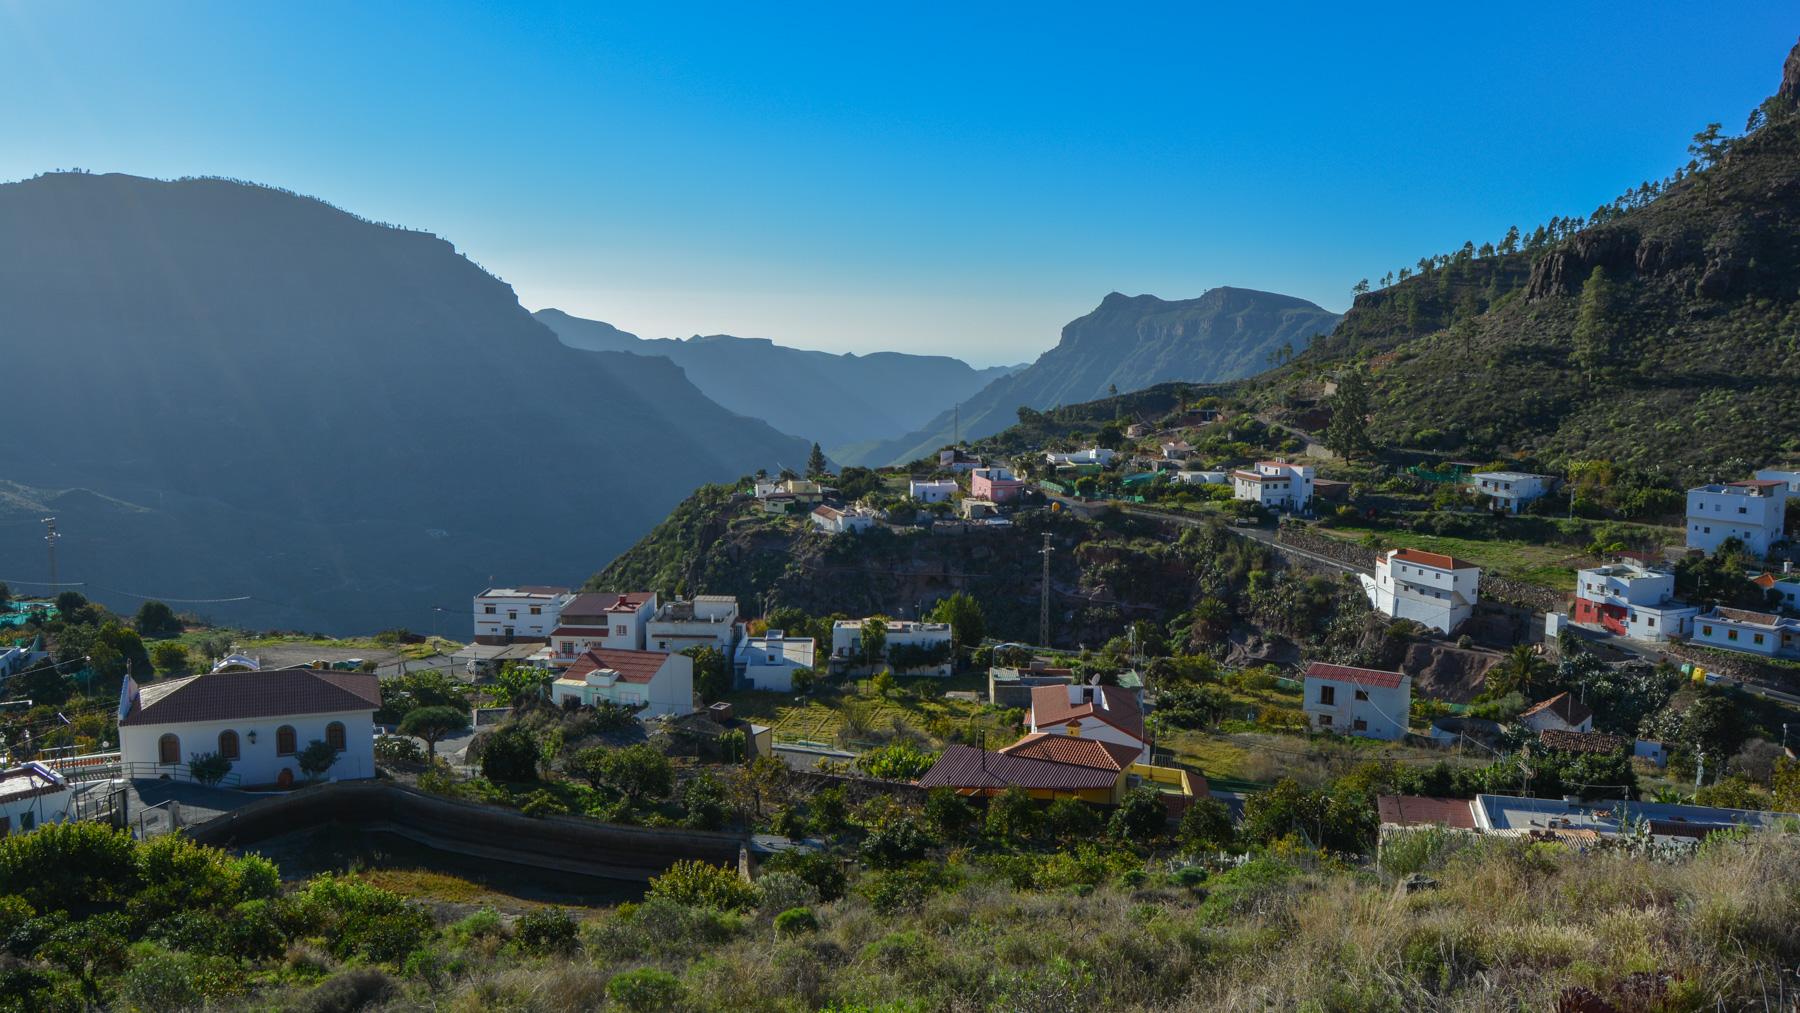 Montaña de Tauro, Gran Canaria, Espagne 8